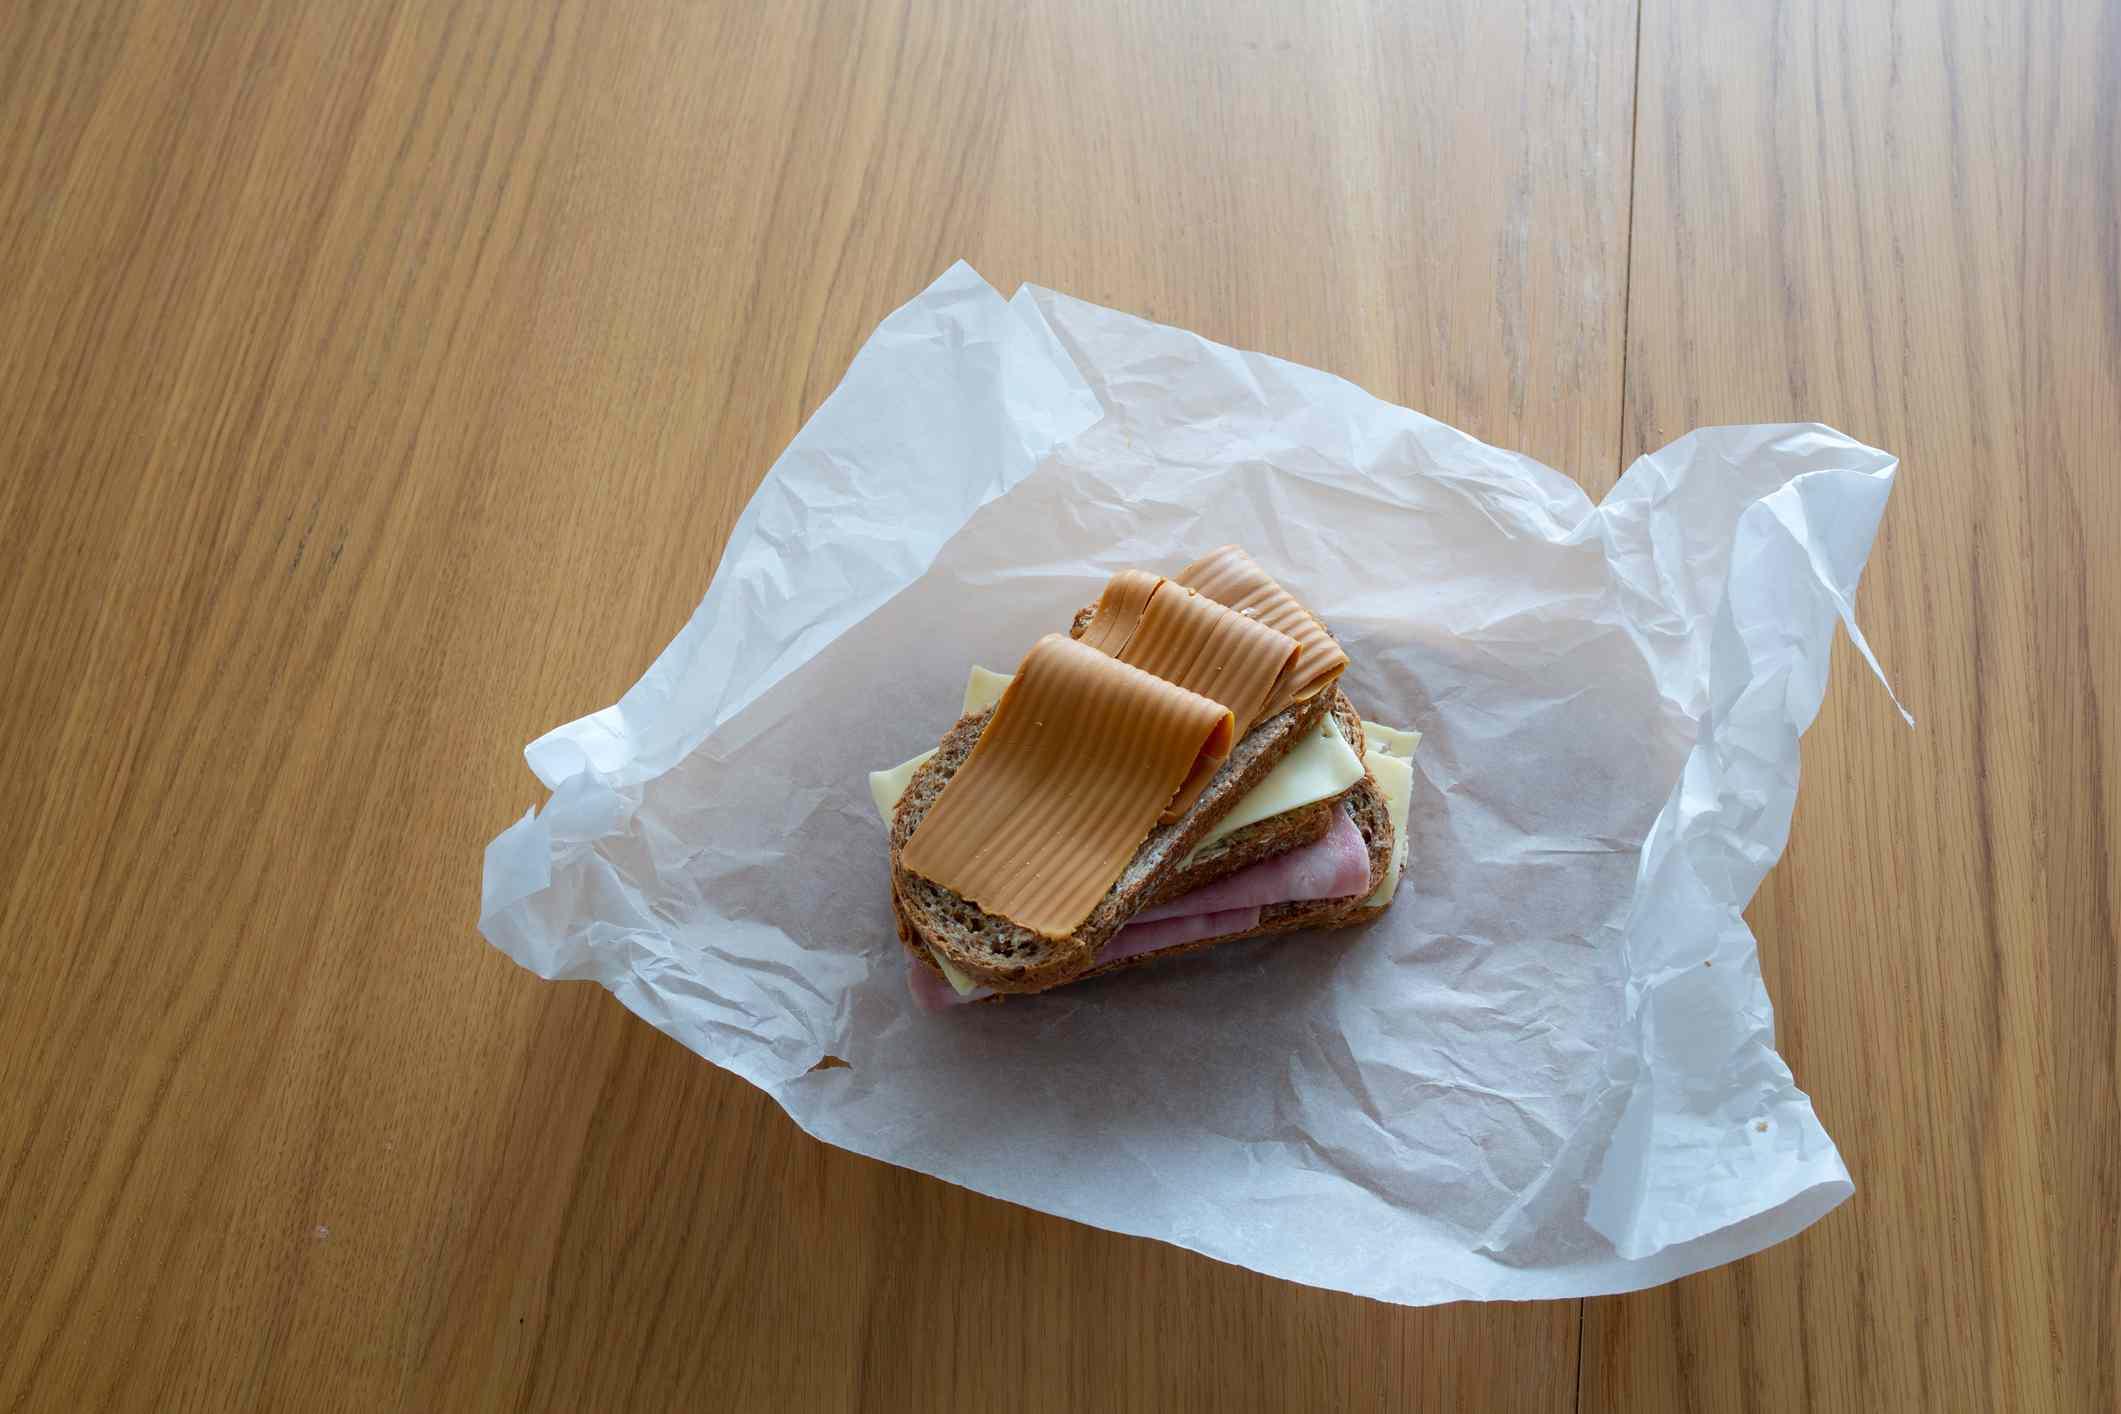 Sandwich in a paper food wrapper.